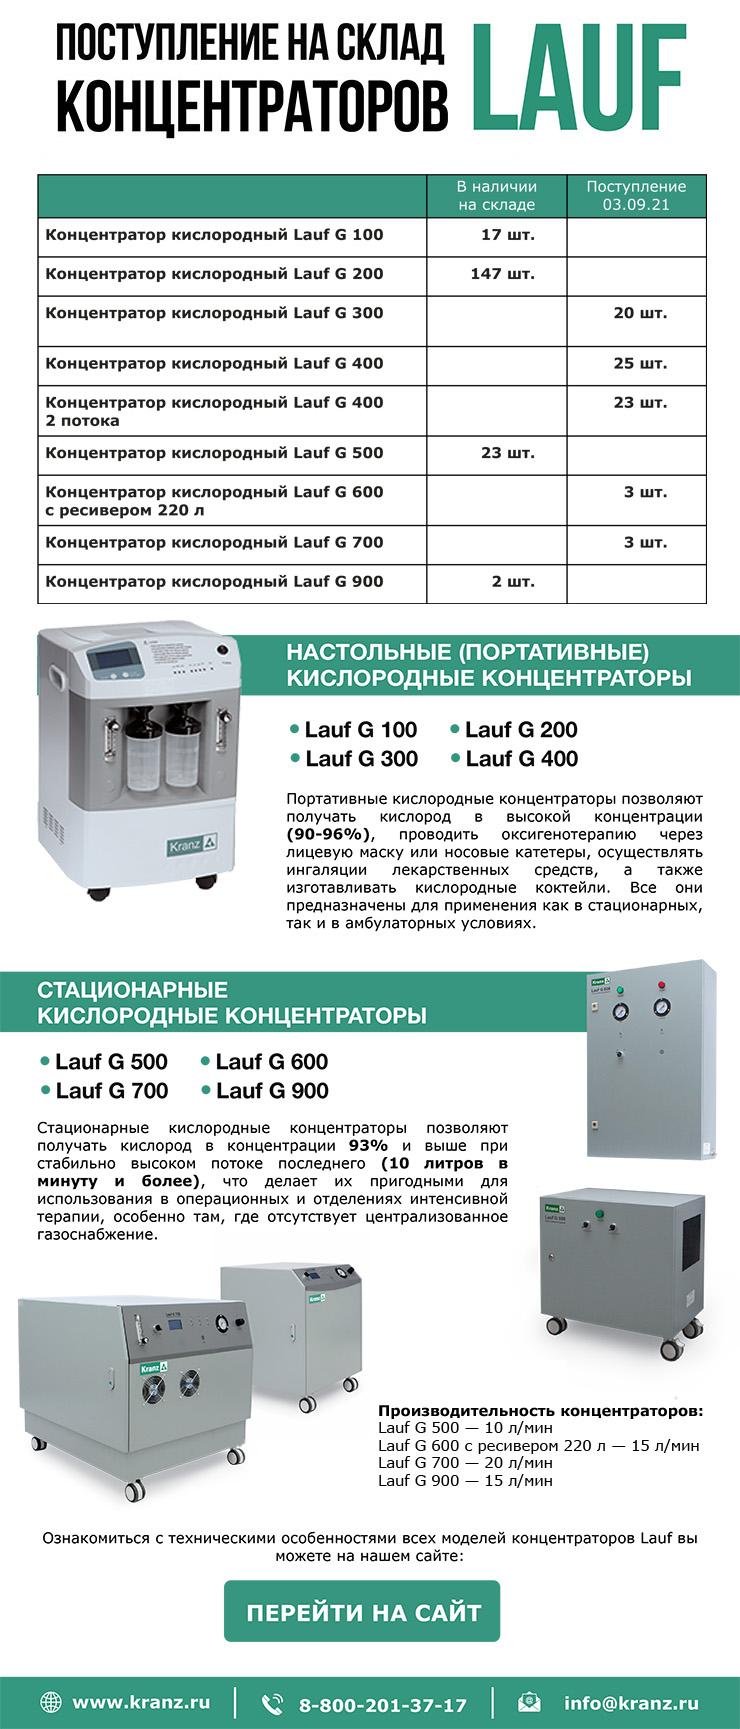 Поступление на склад кислородных концентраторов Lauf